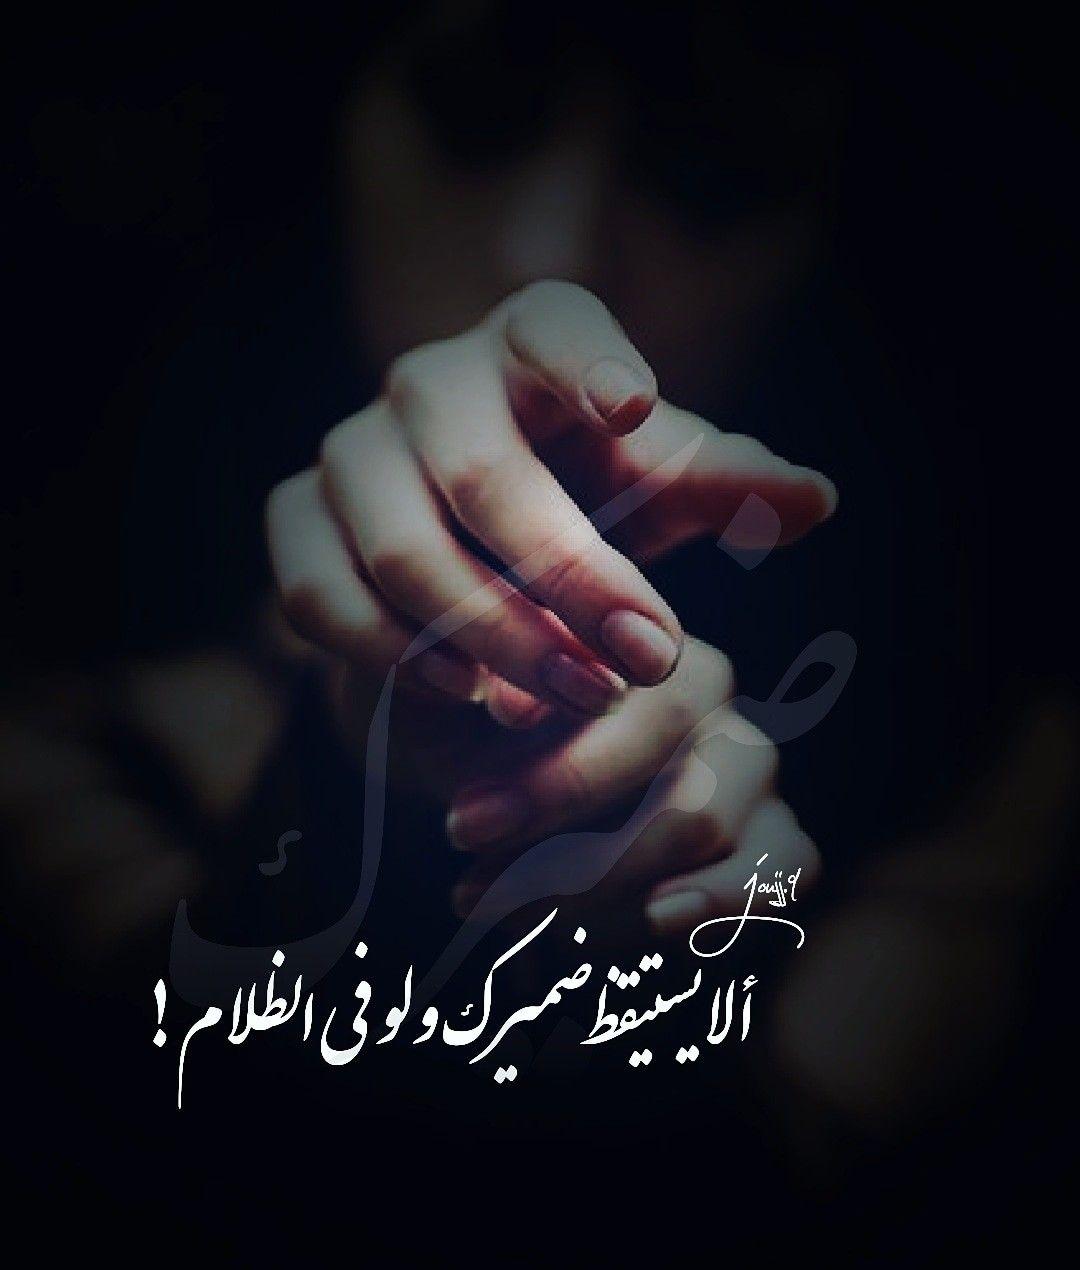 ألا يستيقظ ضميرك ولو في الظلام اللص والكلاب نجيب محفوظ Holding Hands Hands